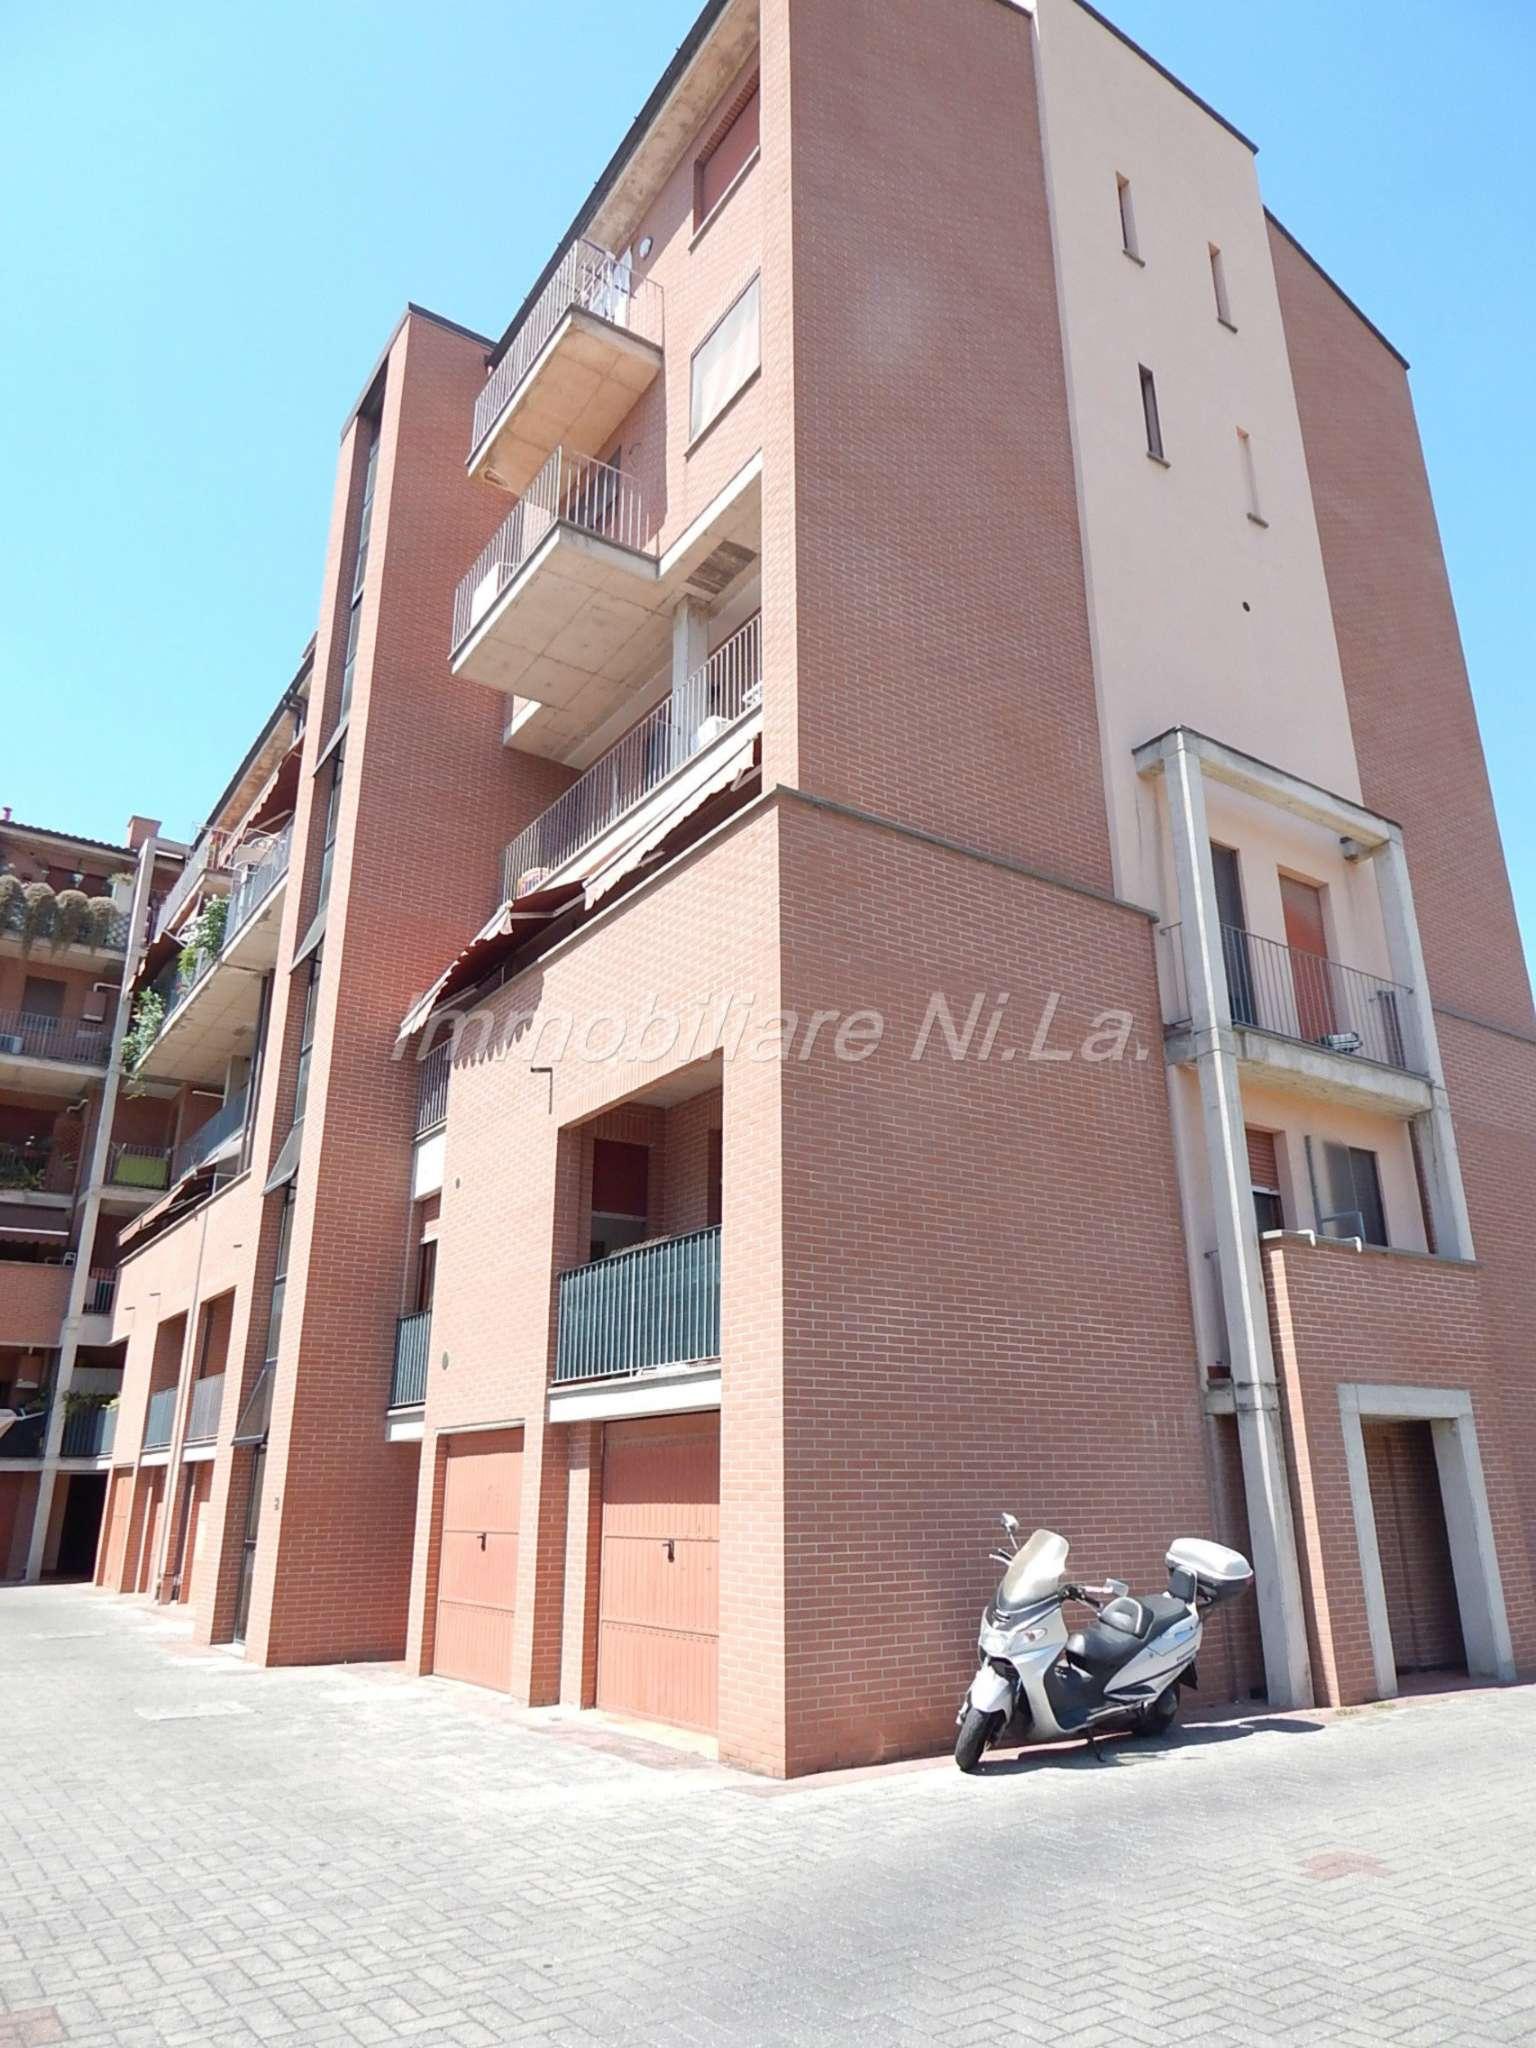 Appartamento bilocale in affitto a Pisa (PI)